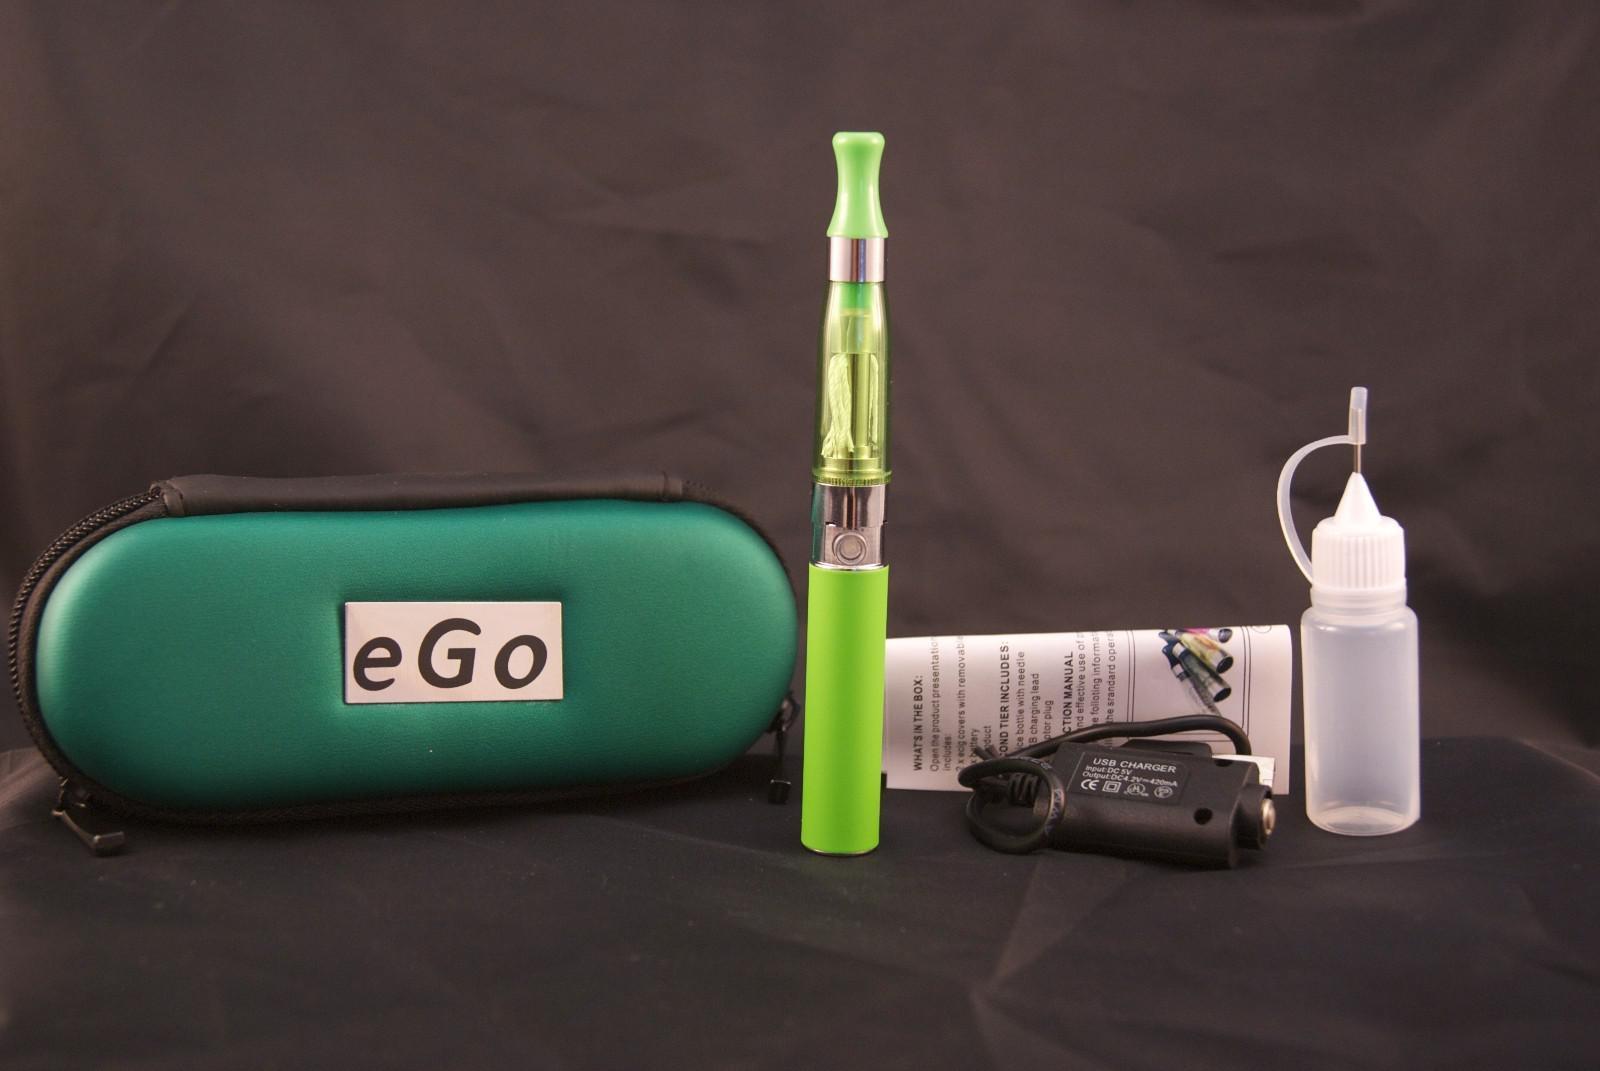 ego ce4 instruction manual